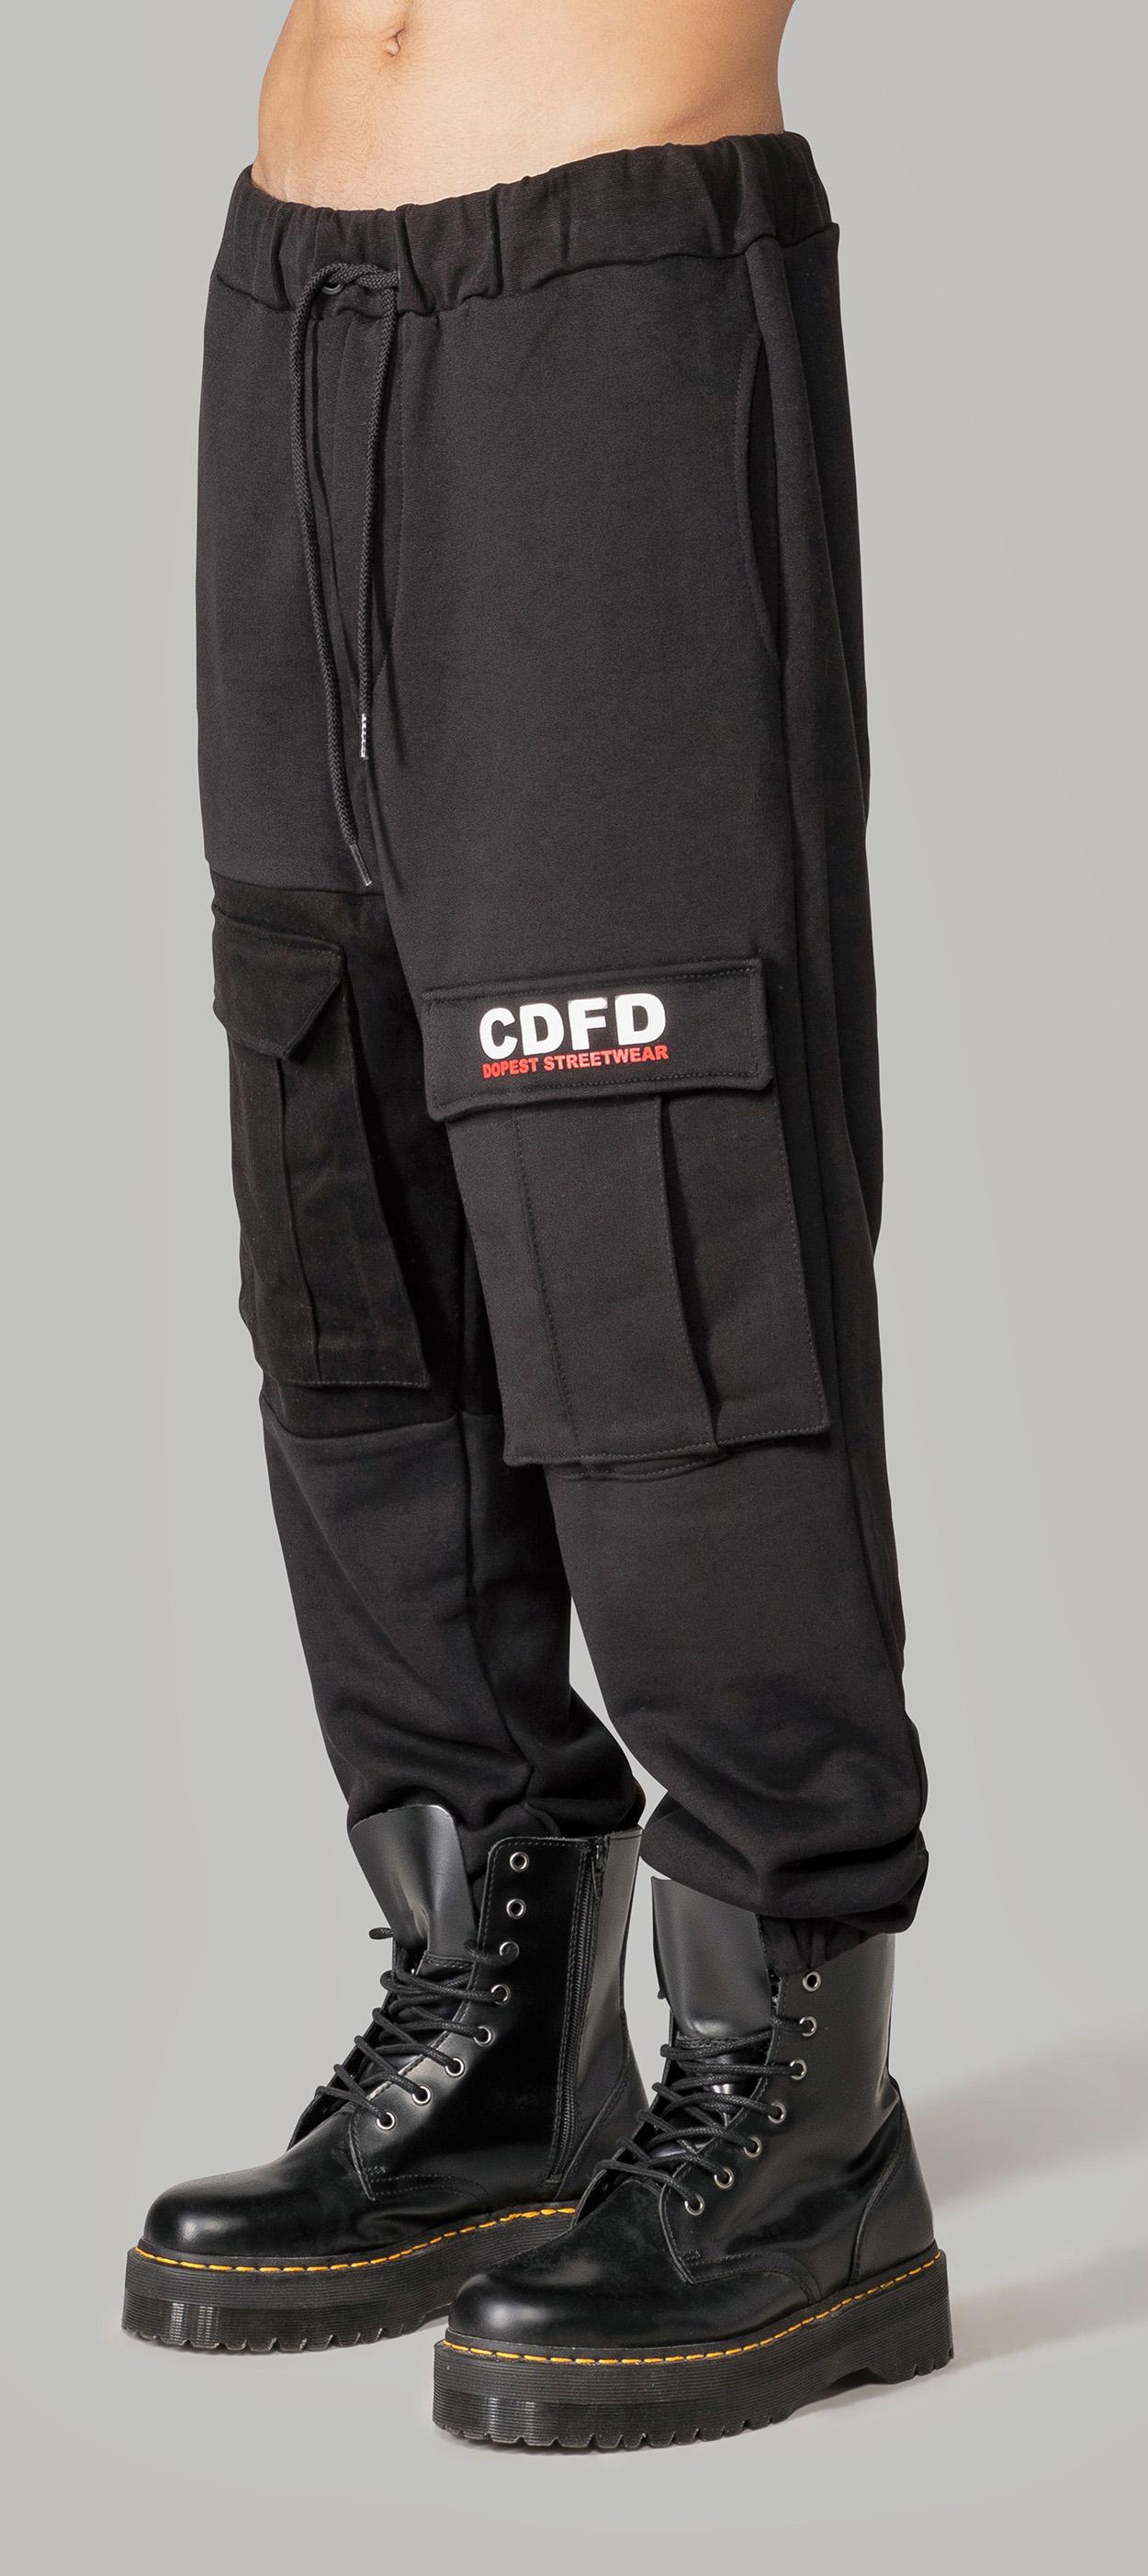 TROUSER - CDFU1013 - COMME DES FKDOWN